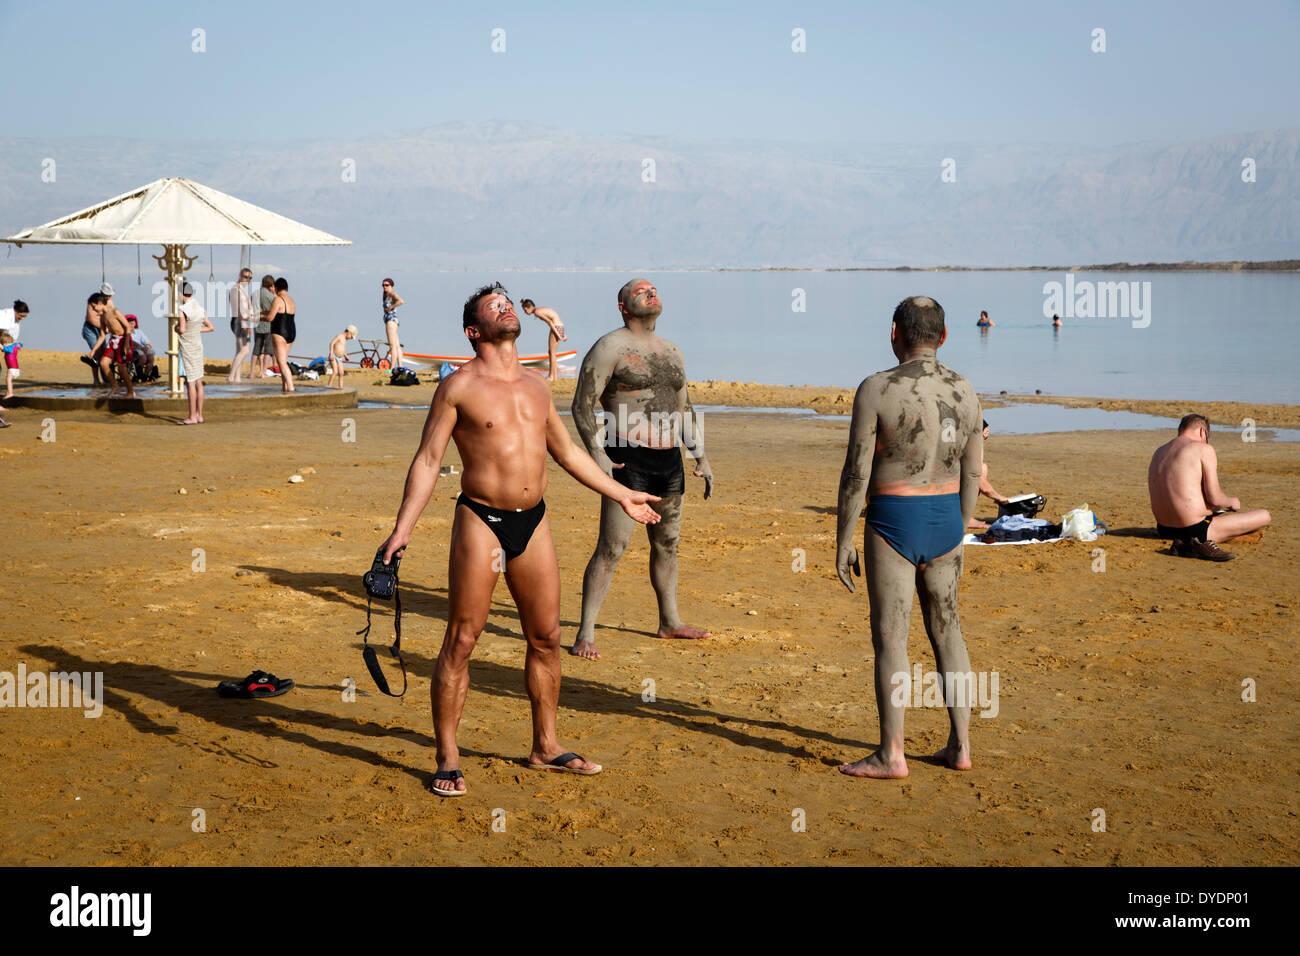 Dead Sea, Israel. - Stock Image